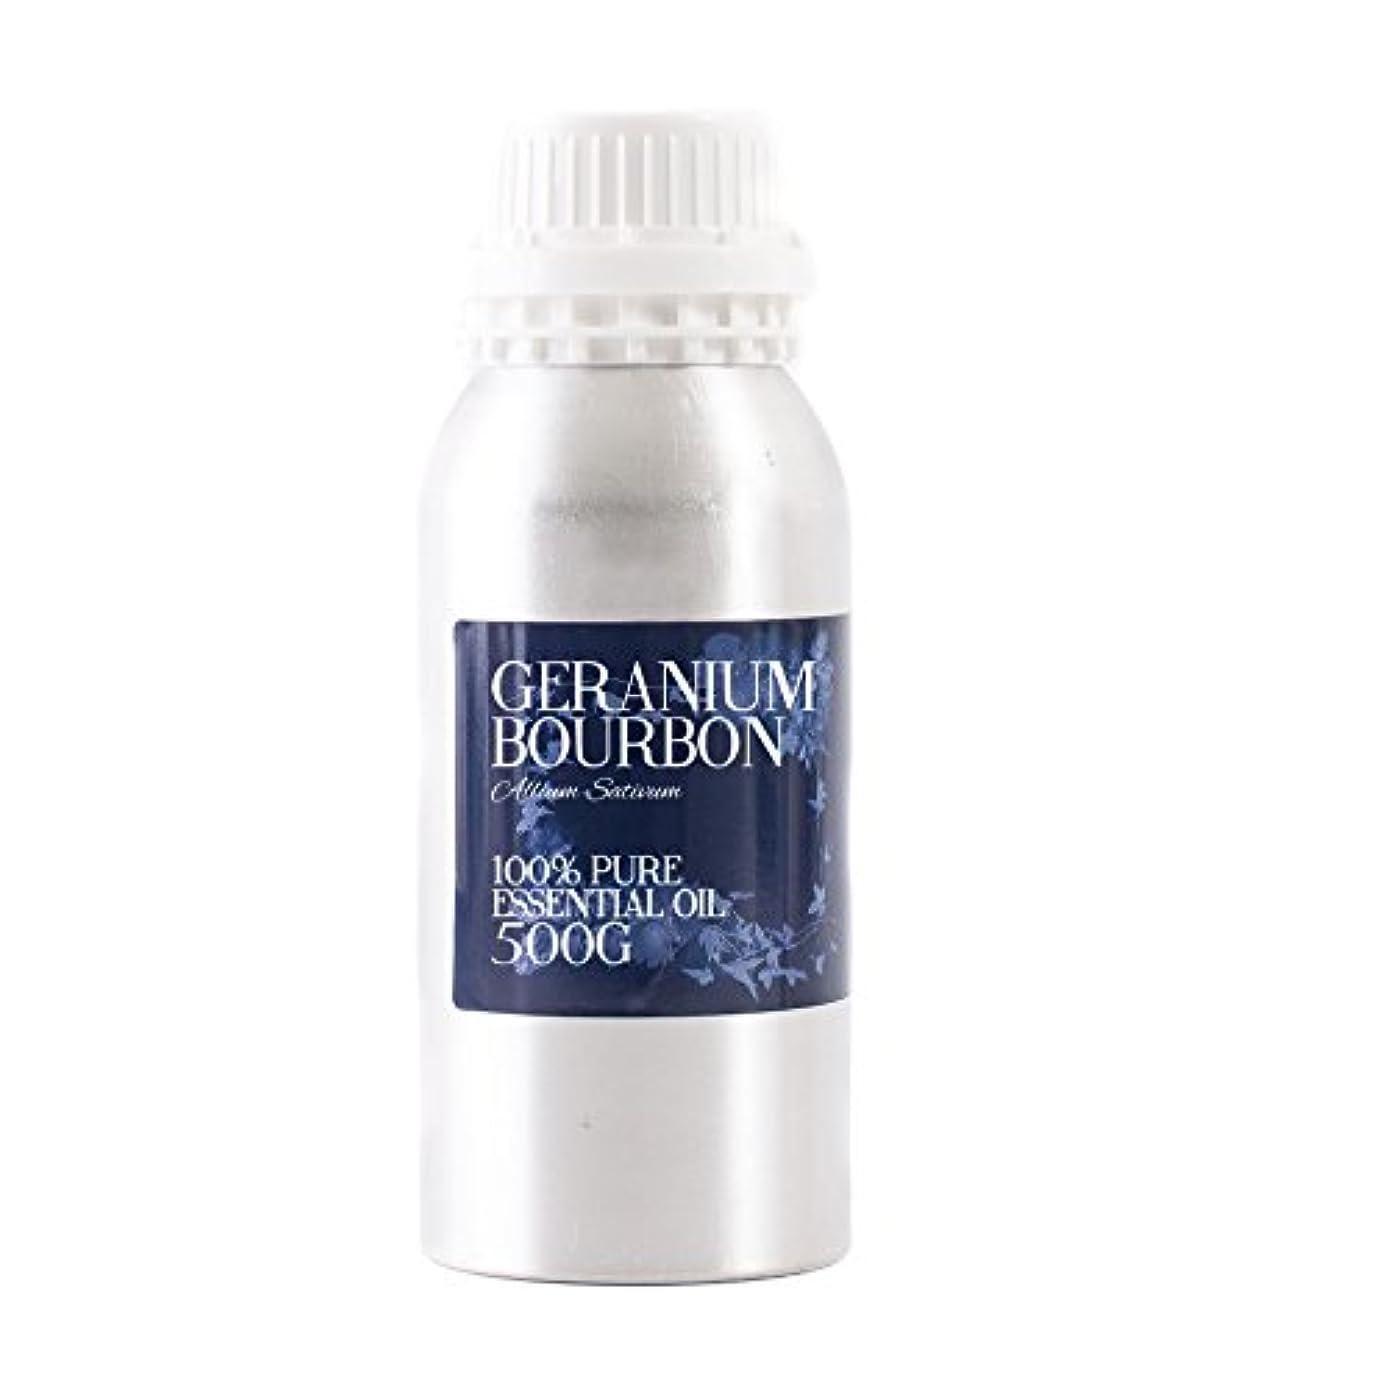 有用やさしいトレーダーMystic Moments | Geranium Bourbon Essential Oil - 500g - 100% Pure